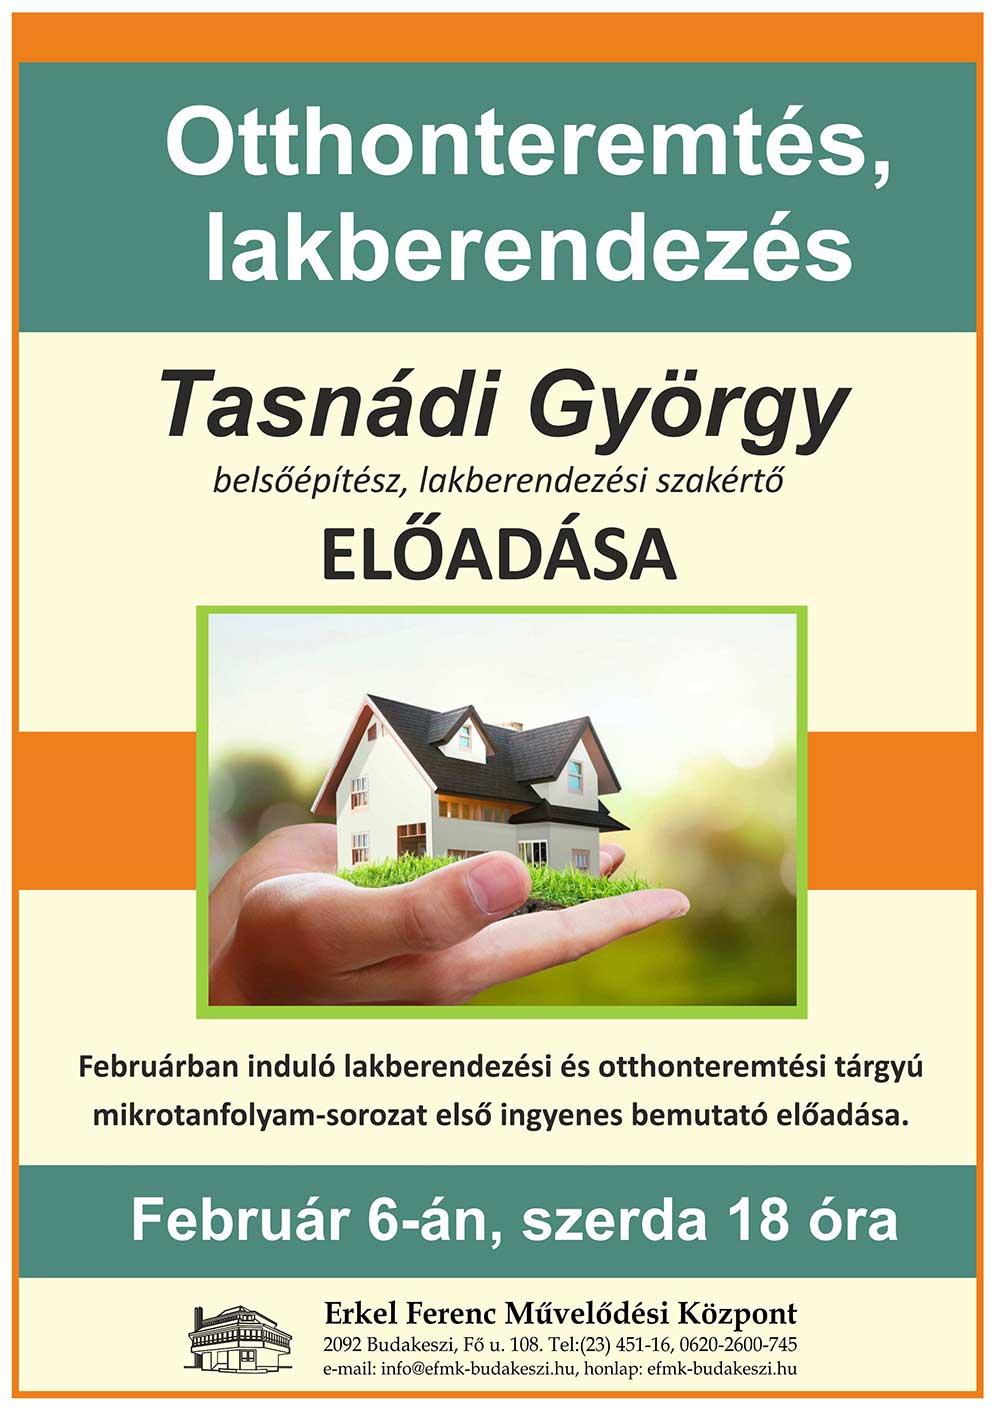 Otthonteremtés, lakberendezés - Tasnádi György előadása